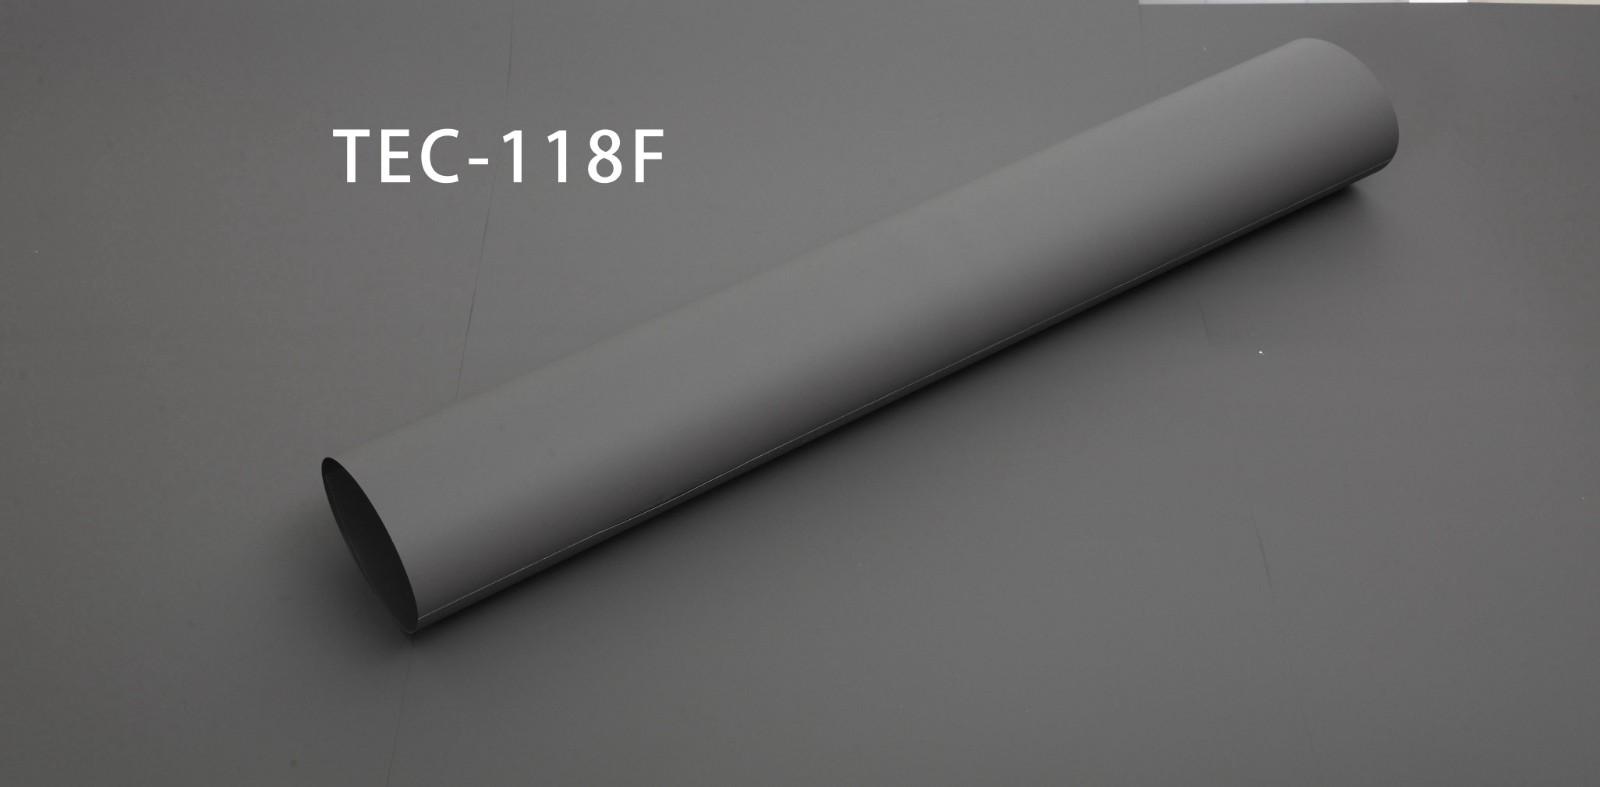 TEC-118F